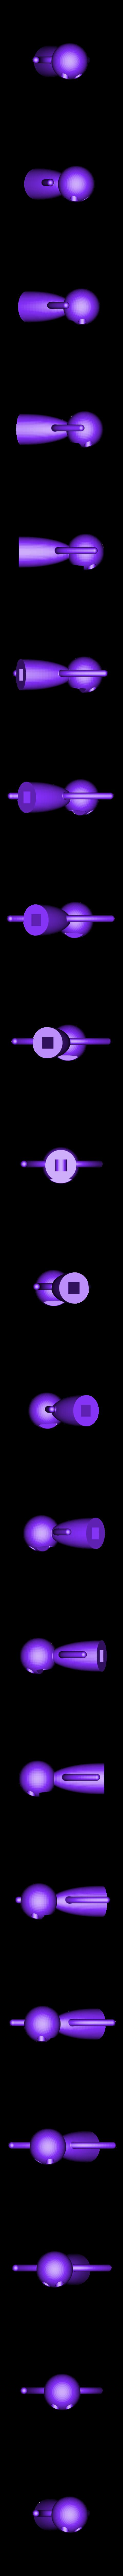 Function_Stickman_y-x³_top.stl Télécharger fichier STL gratuit Dancing Function Stickmen • Plan pour impression 3D, Chrisibub